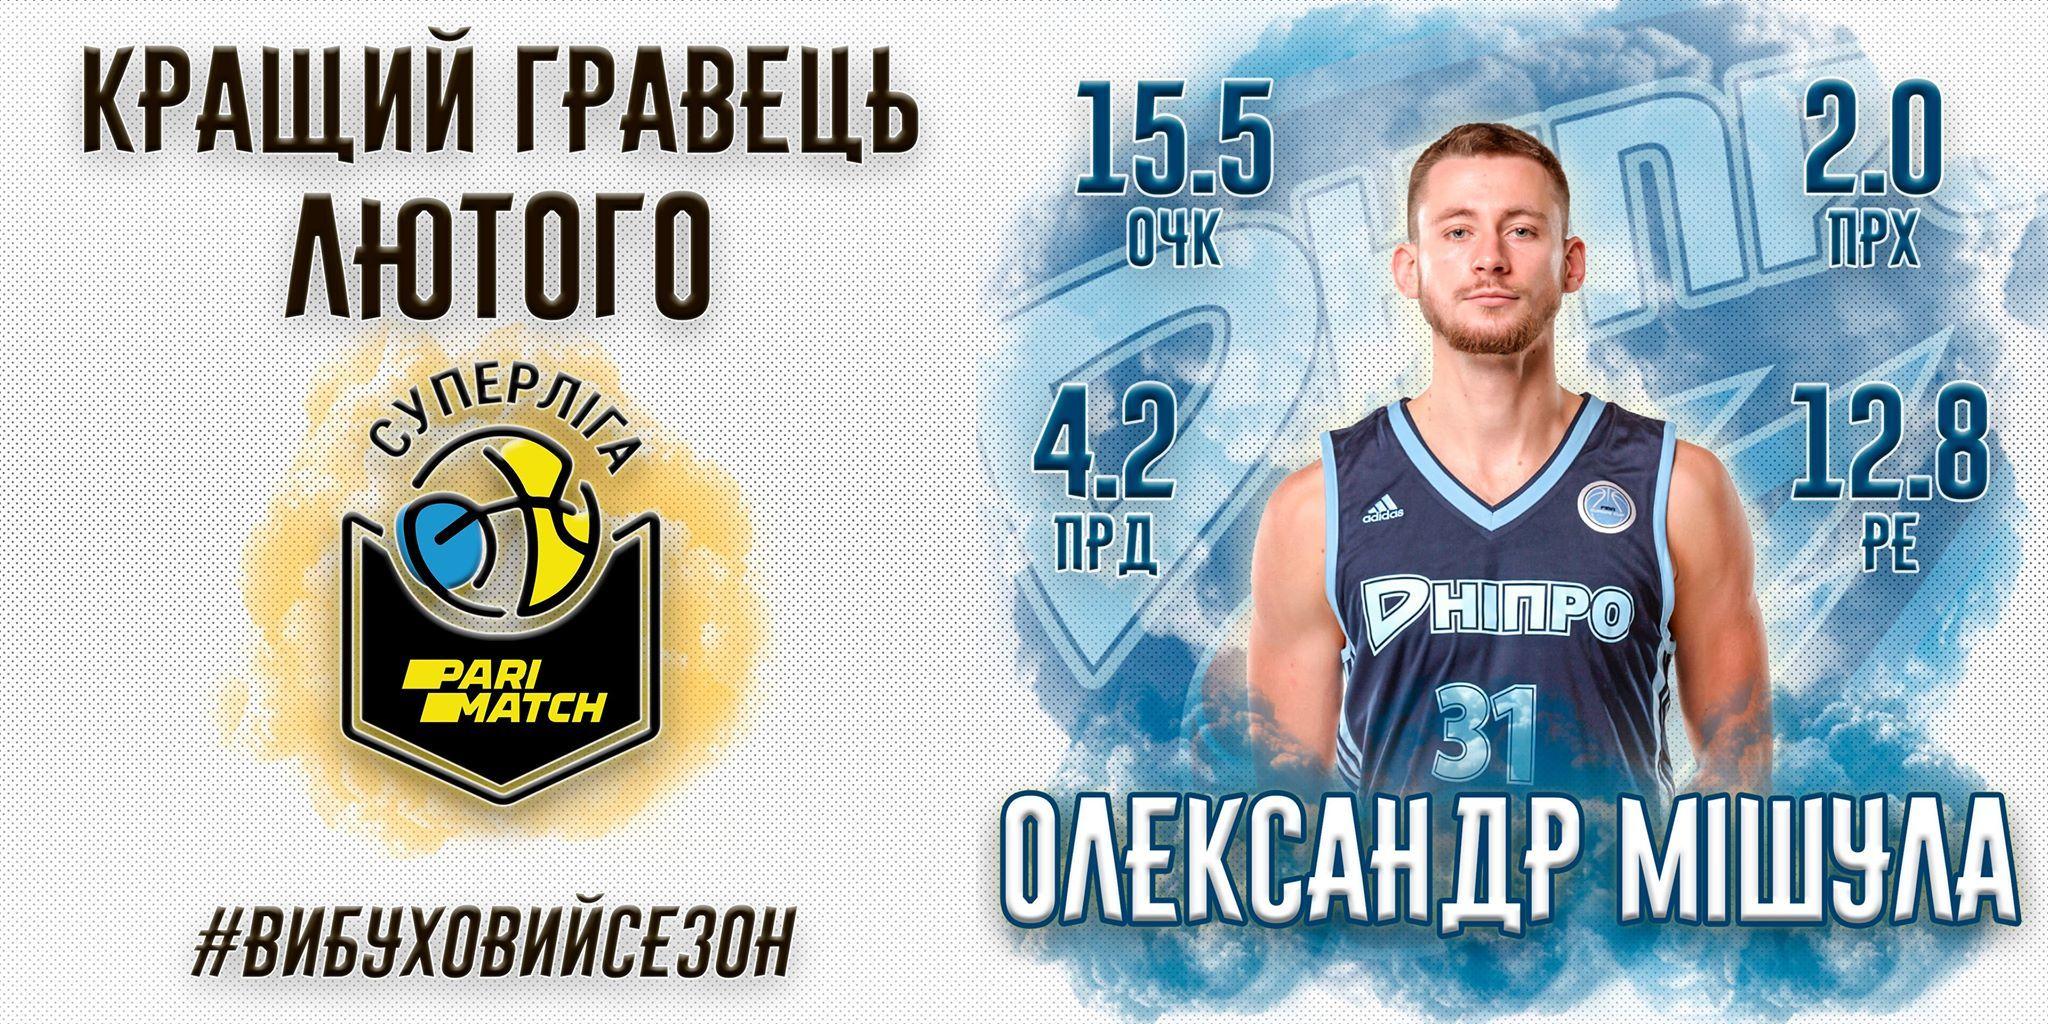 Найціннішим гравцем лютого у Суперлізі Парі-Матч став баскетболіст збірної України